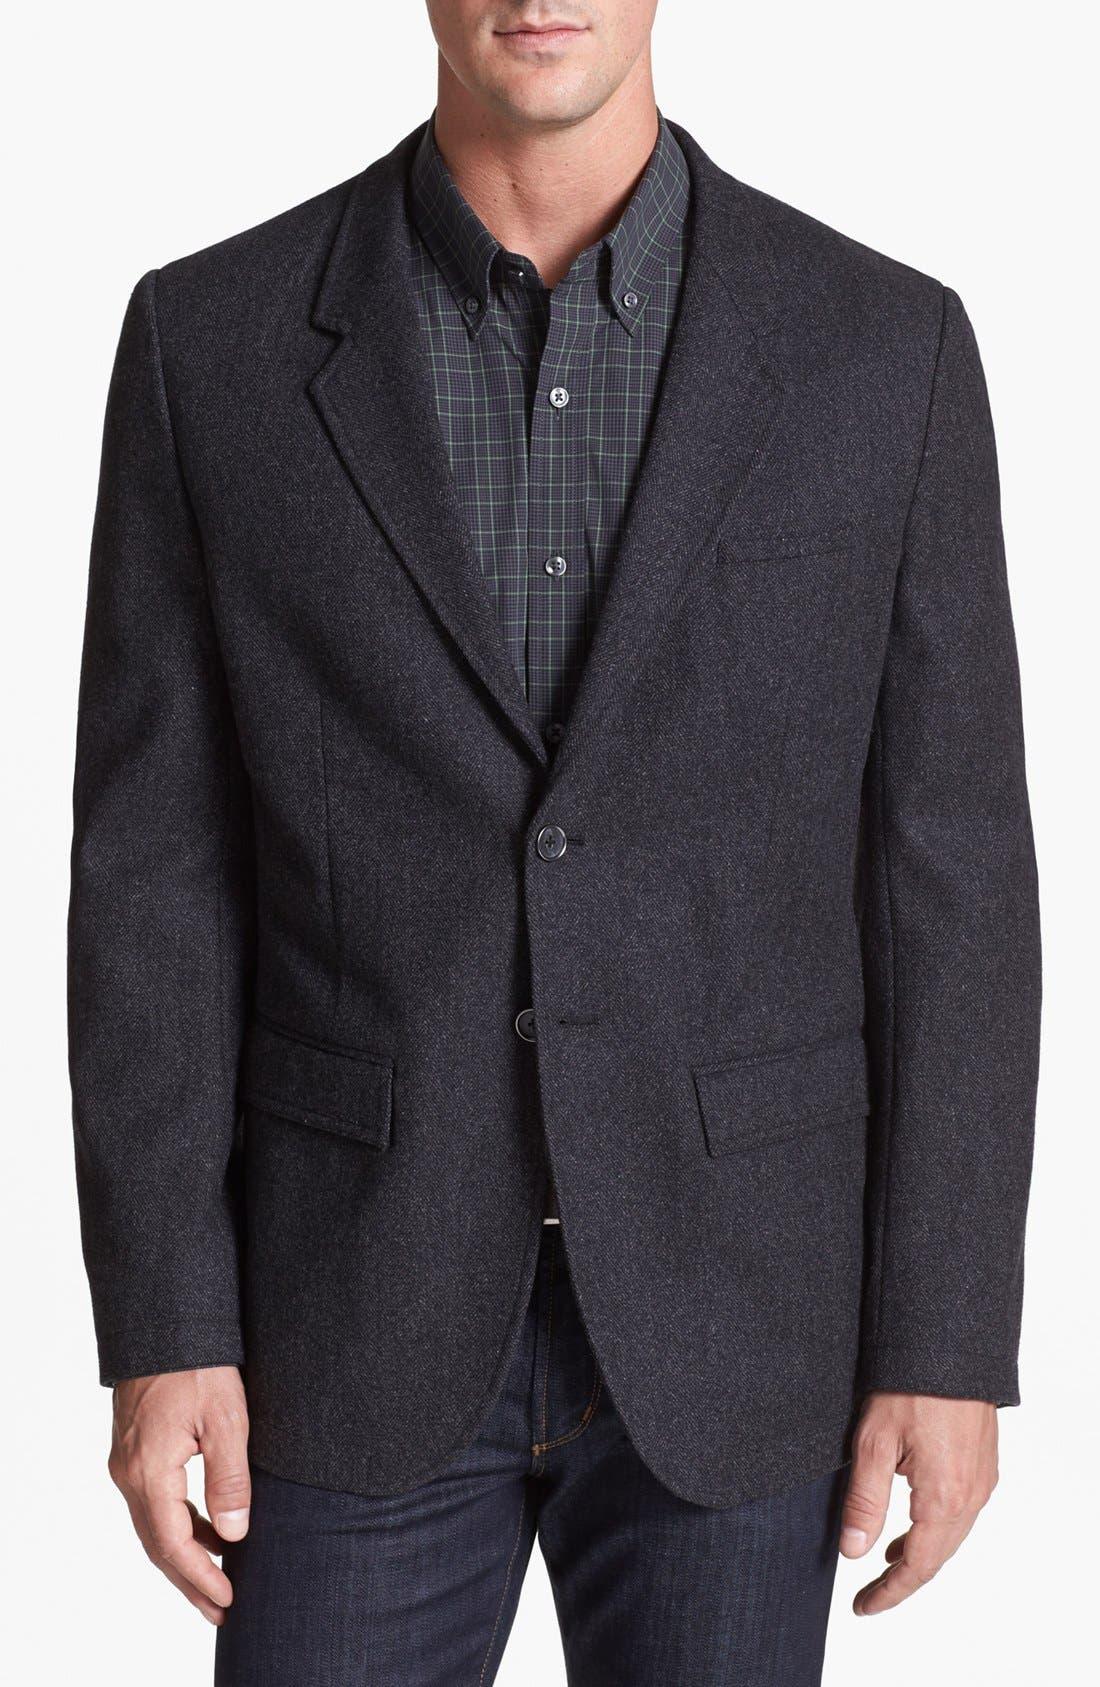 Main Image - Cutter & Buck 'Tavern Law' Sportcoat (Big & Tall)